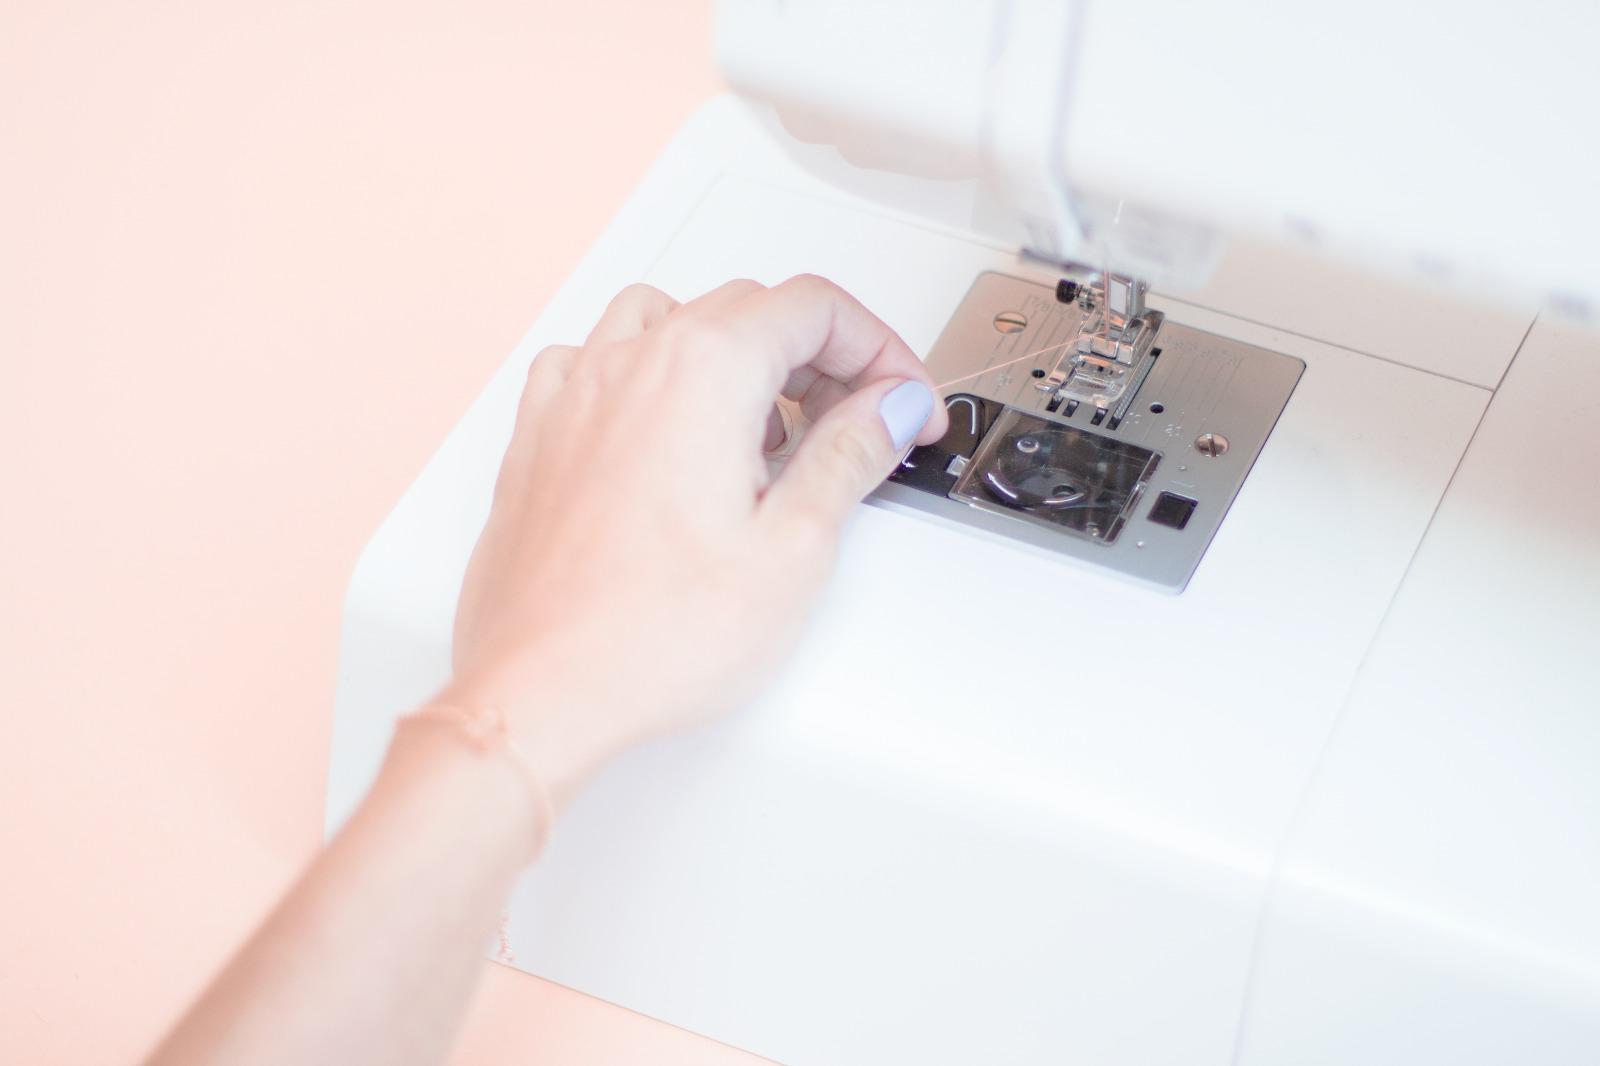 Aprende a coser paso a paso Cursos desde casa